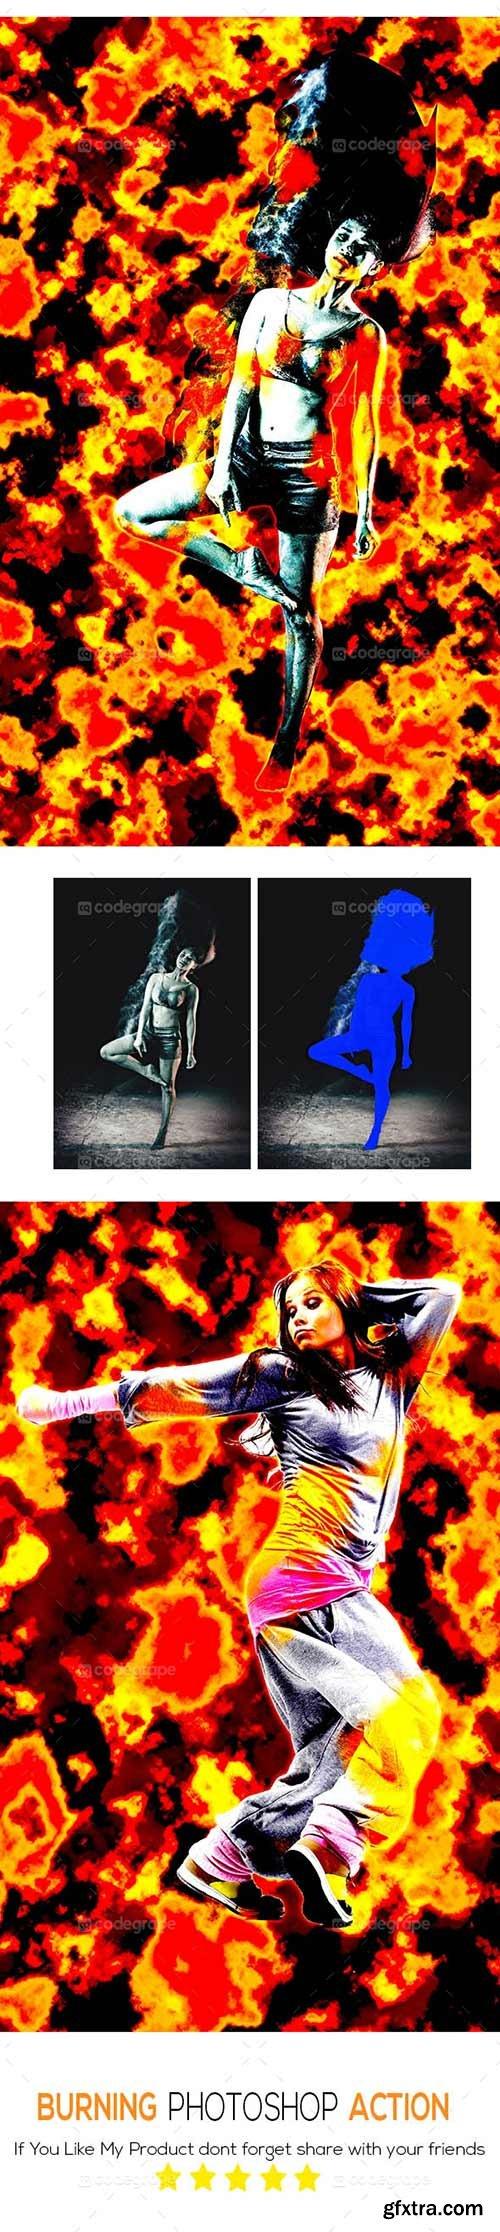 CodeGrape - Burning Photoshop Action 5405